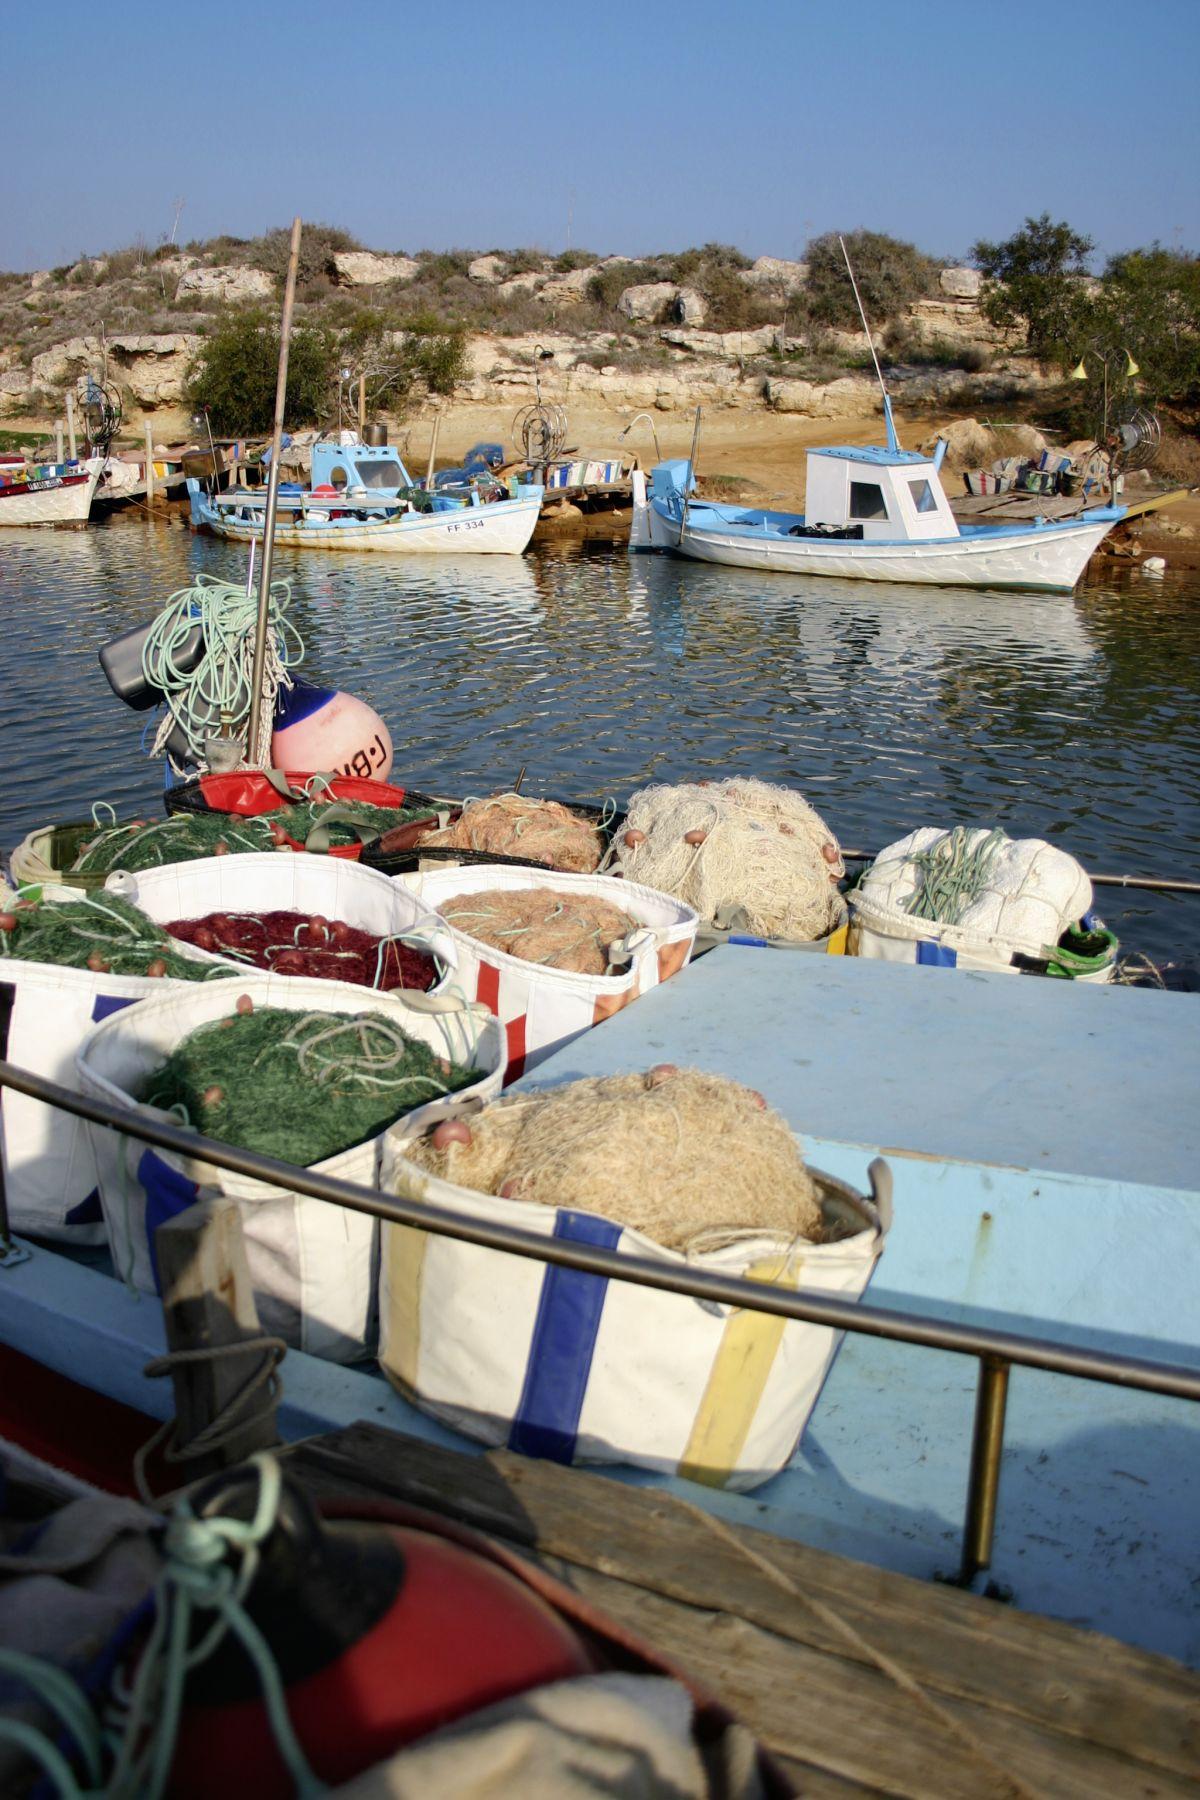 Fischerboot (c) Marco Polo Reisen_Shotshop_Styve